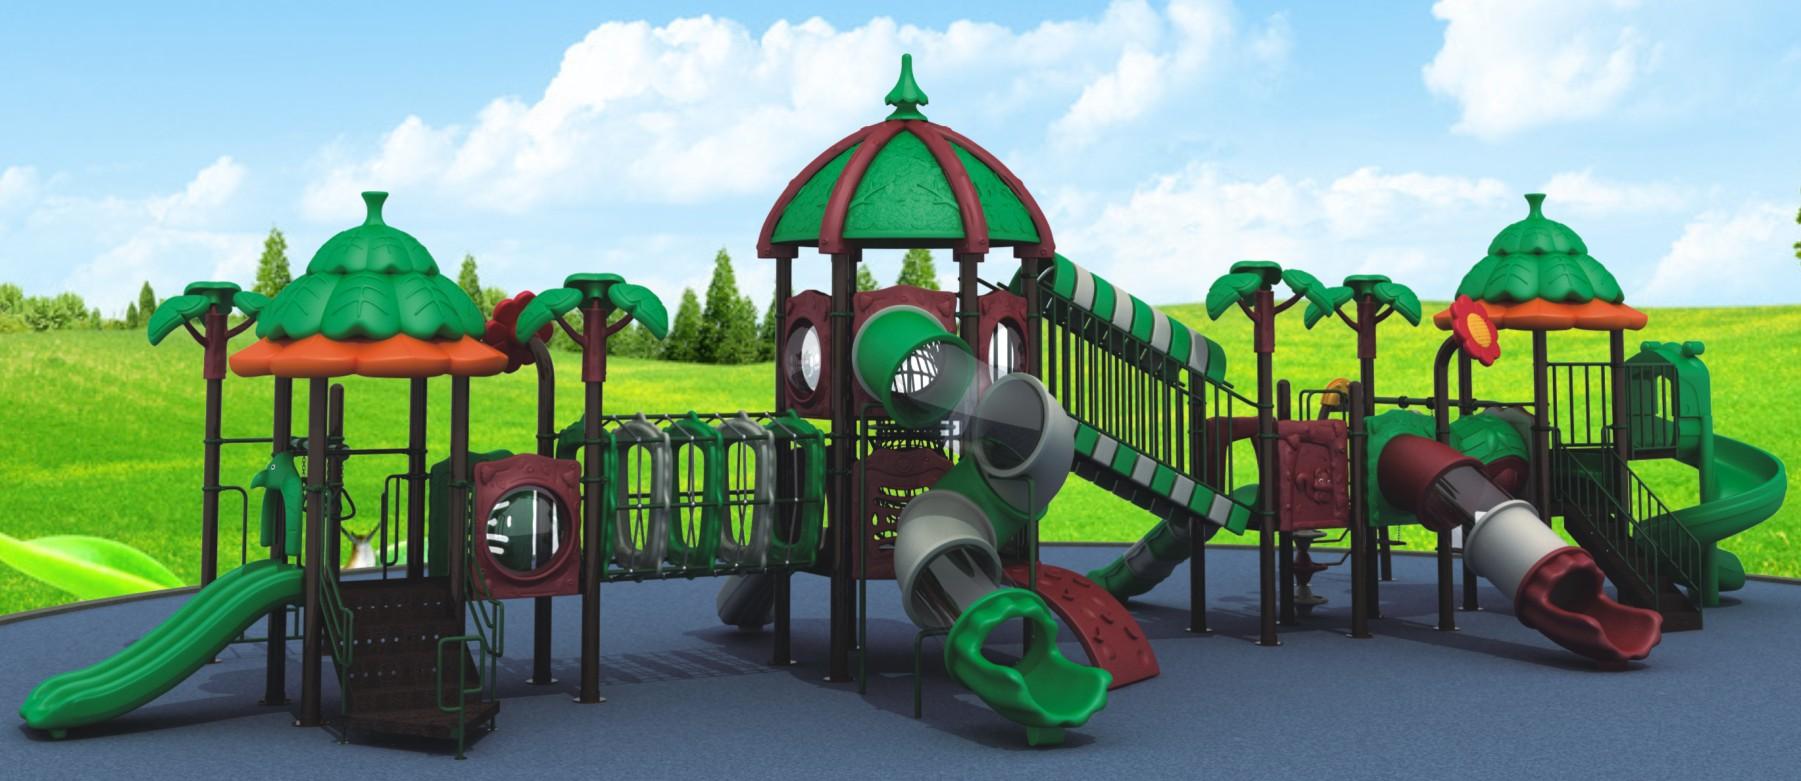 Children Outdoor Playground Kids Plastic Slide